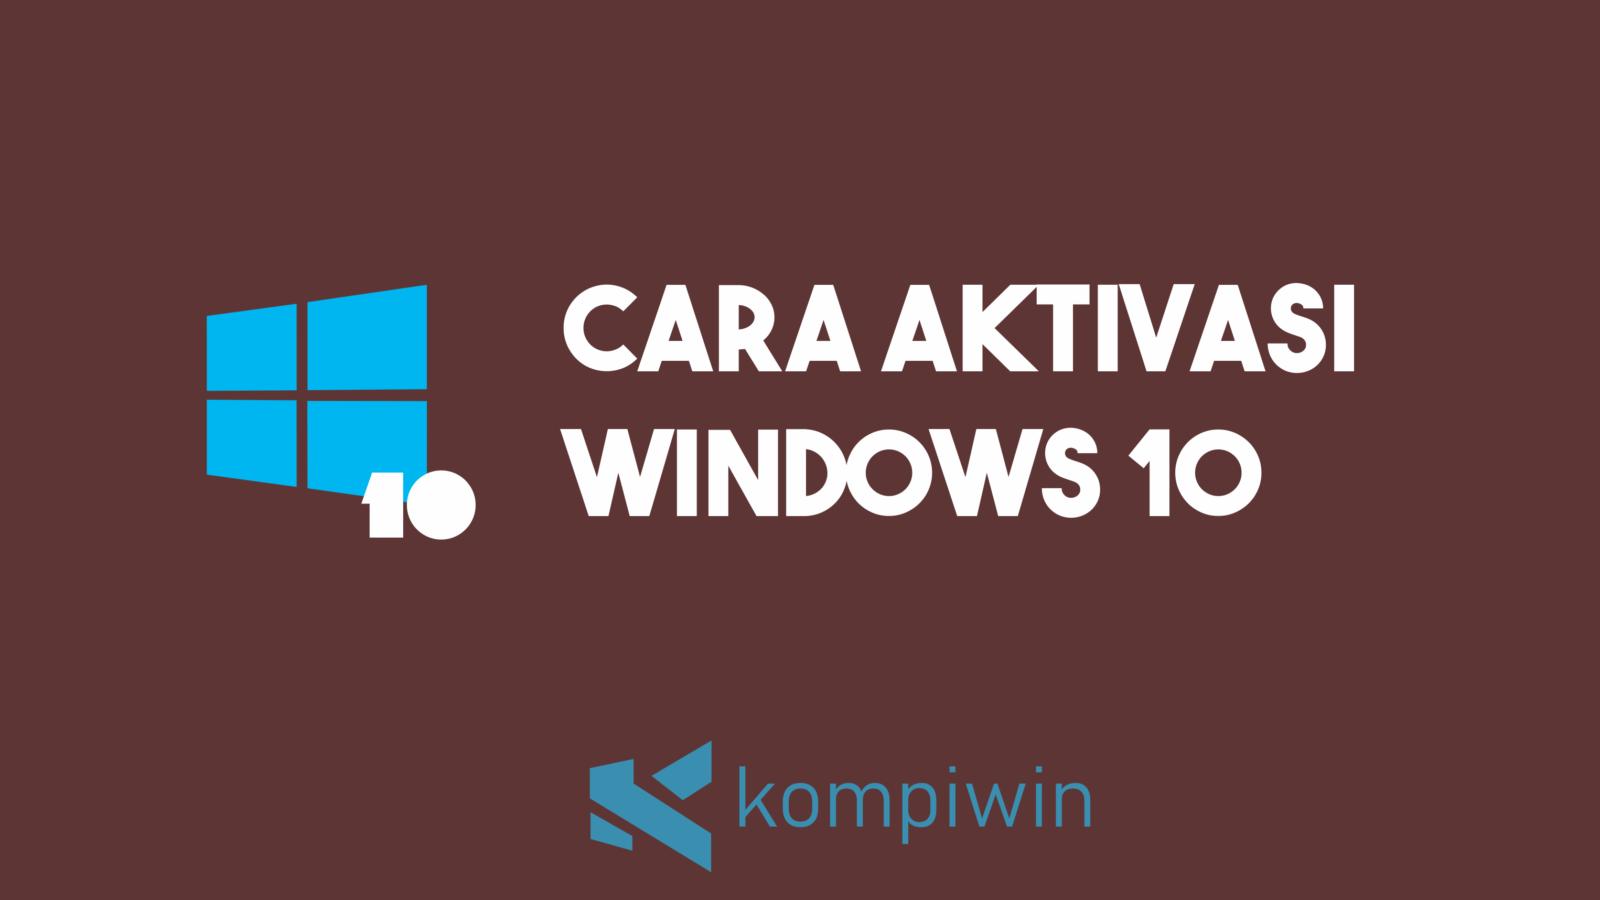 Cara Aktivasi Windows 10 4